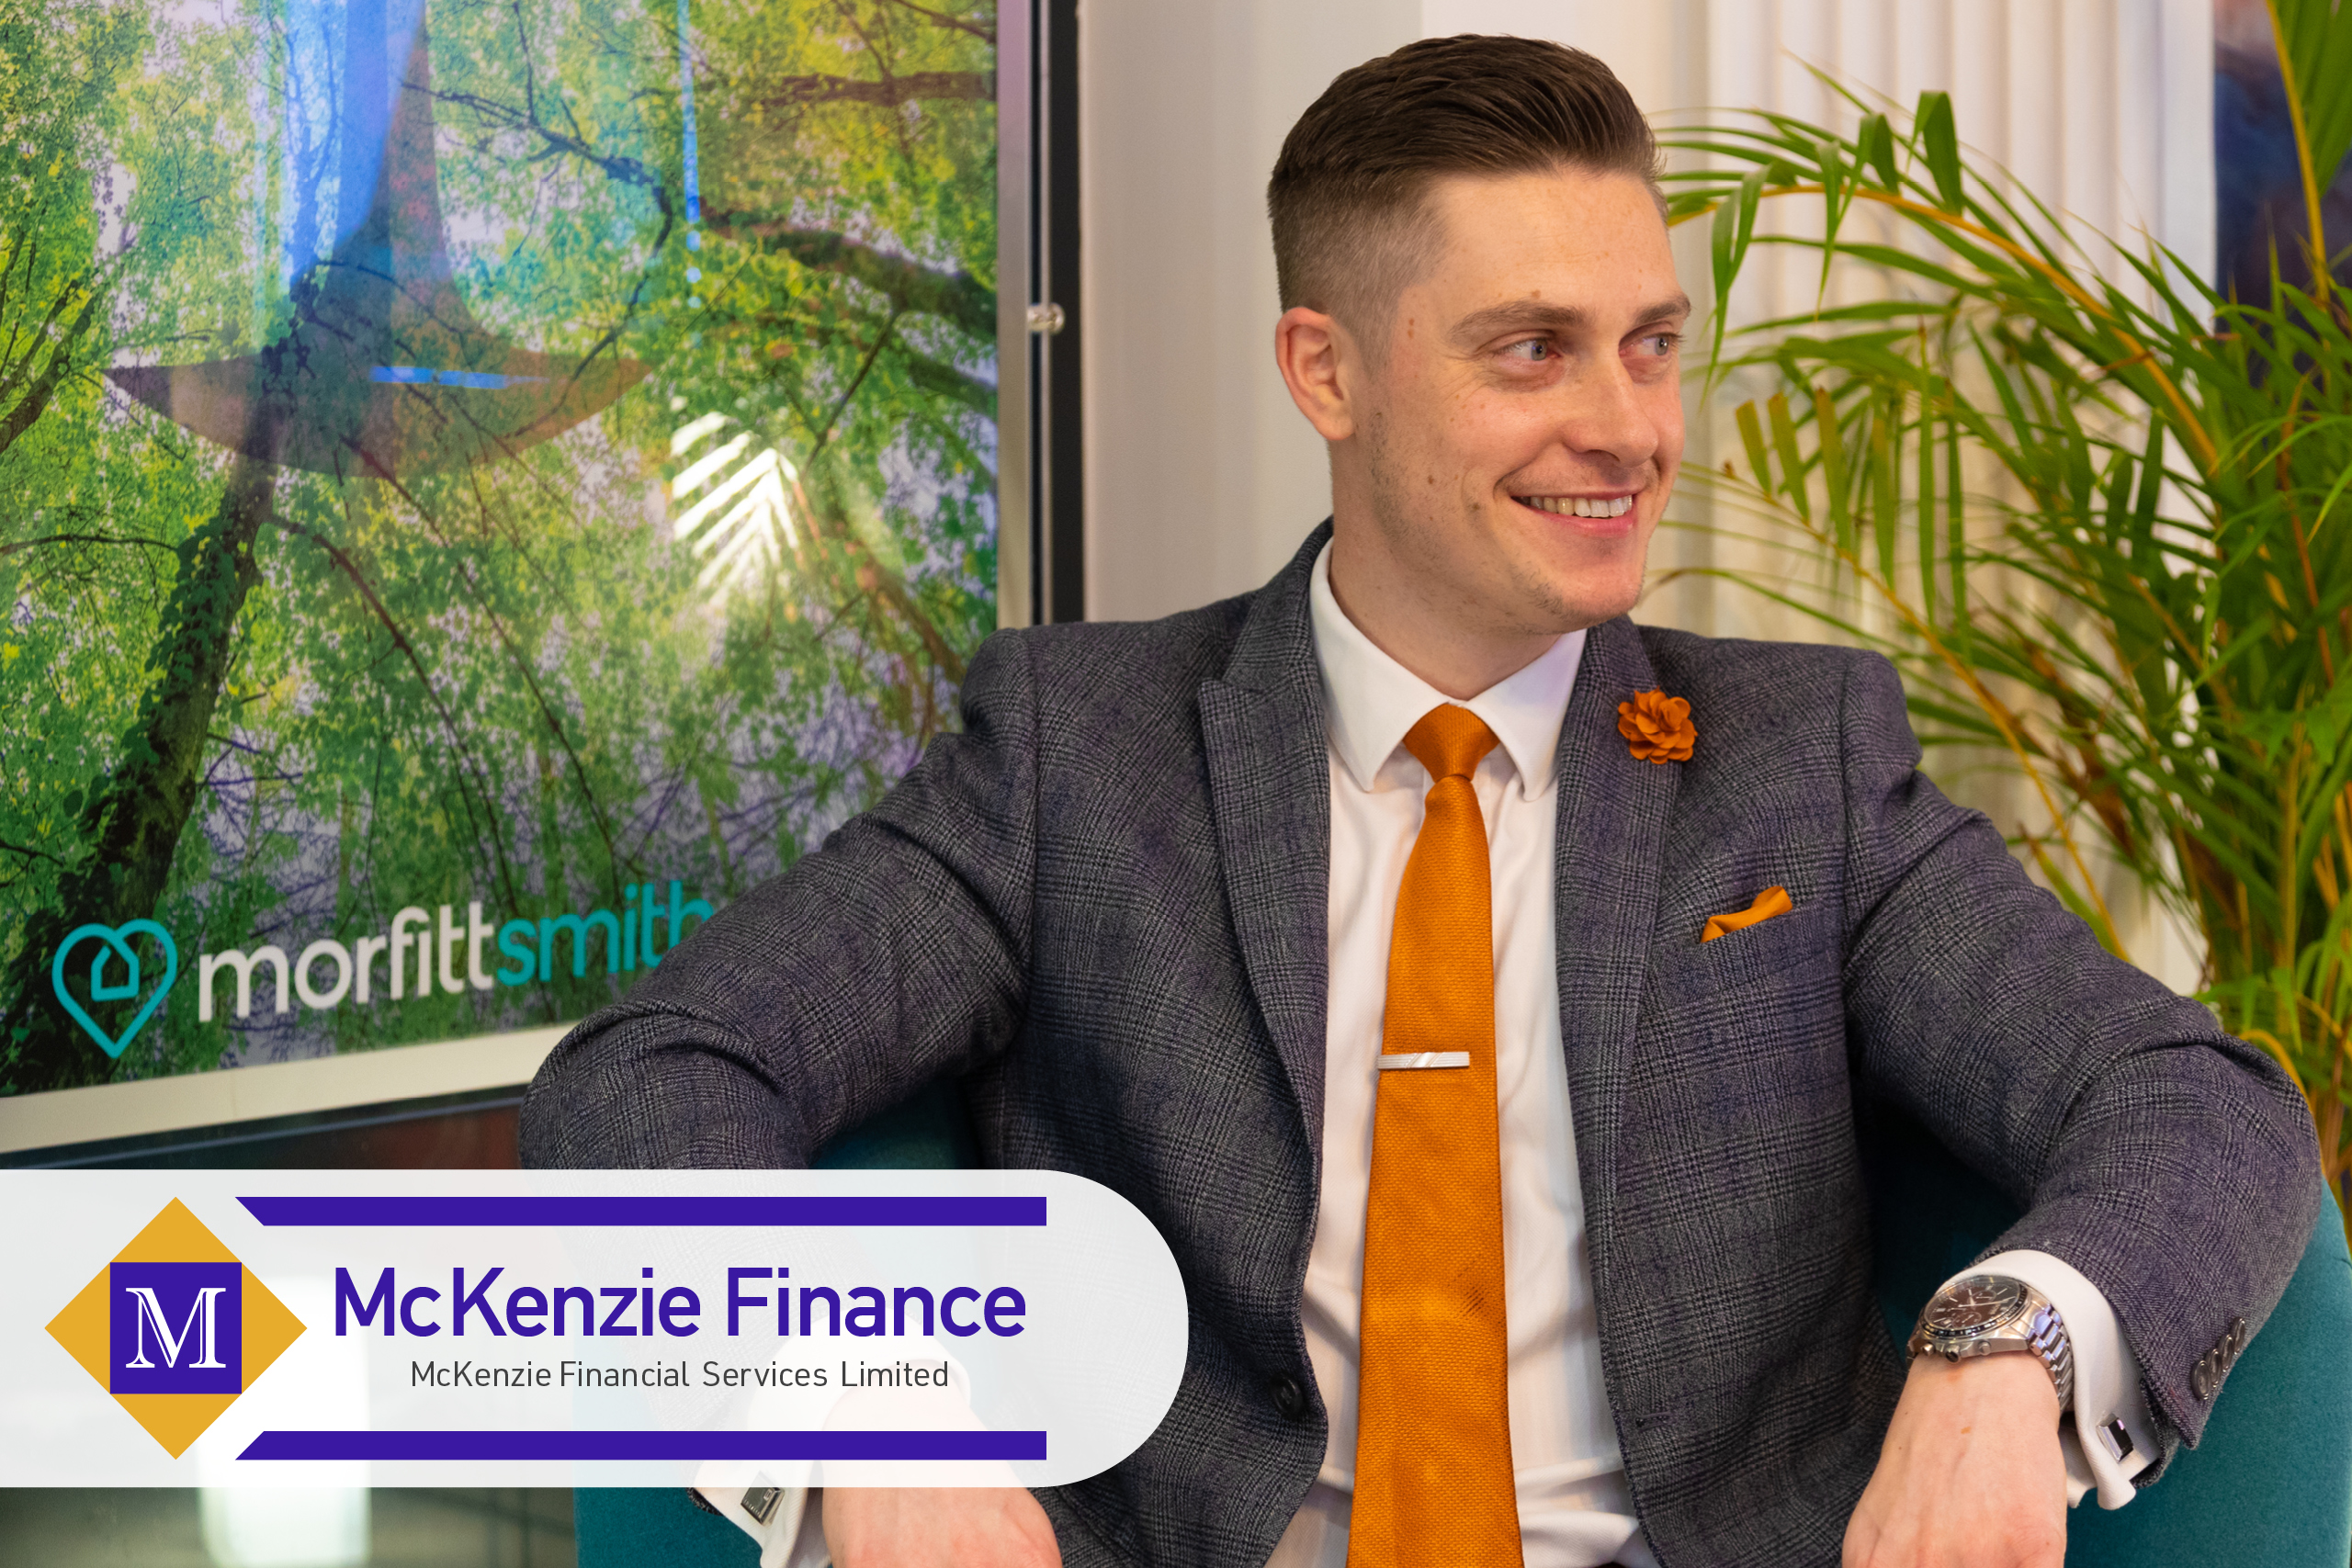 McKenzie Finance